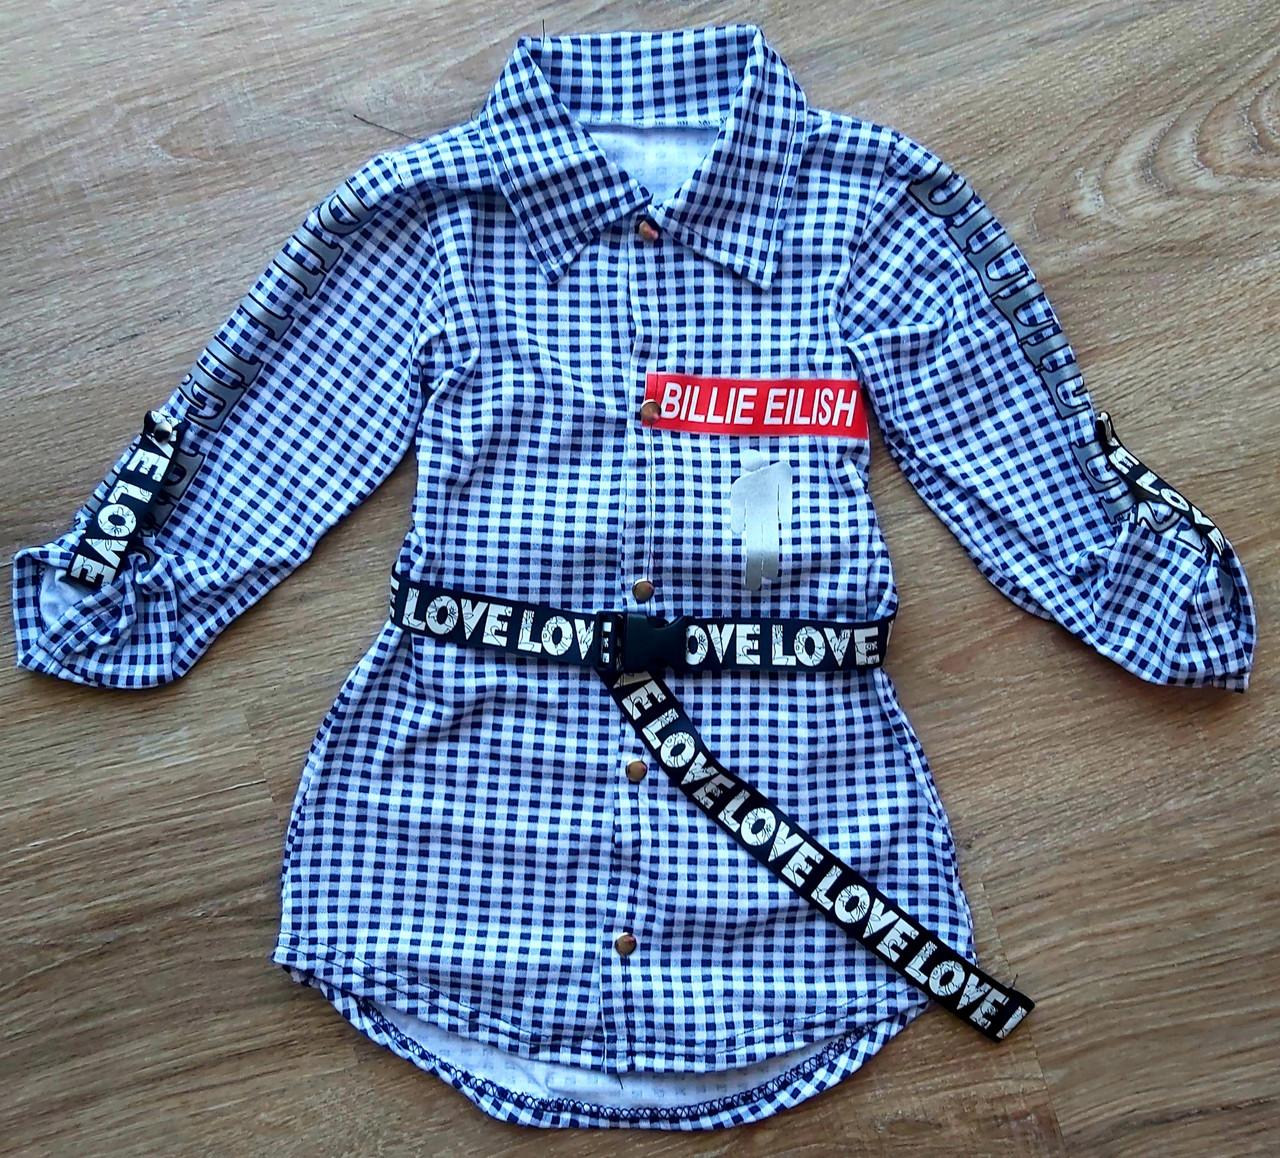 Детская рубашка на девочку BILLIE EILISH и Likee Tik Tok